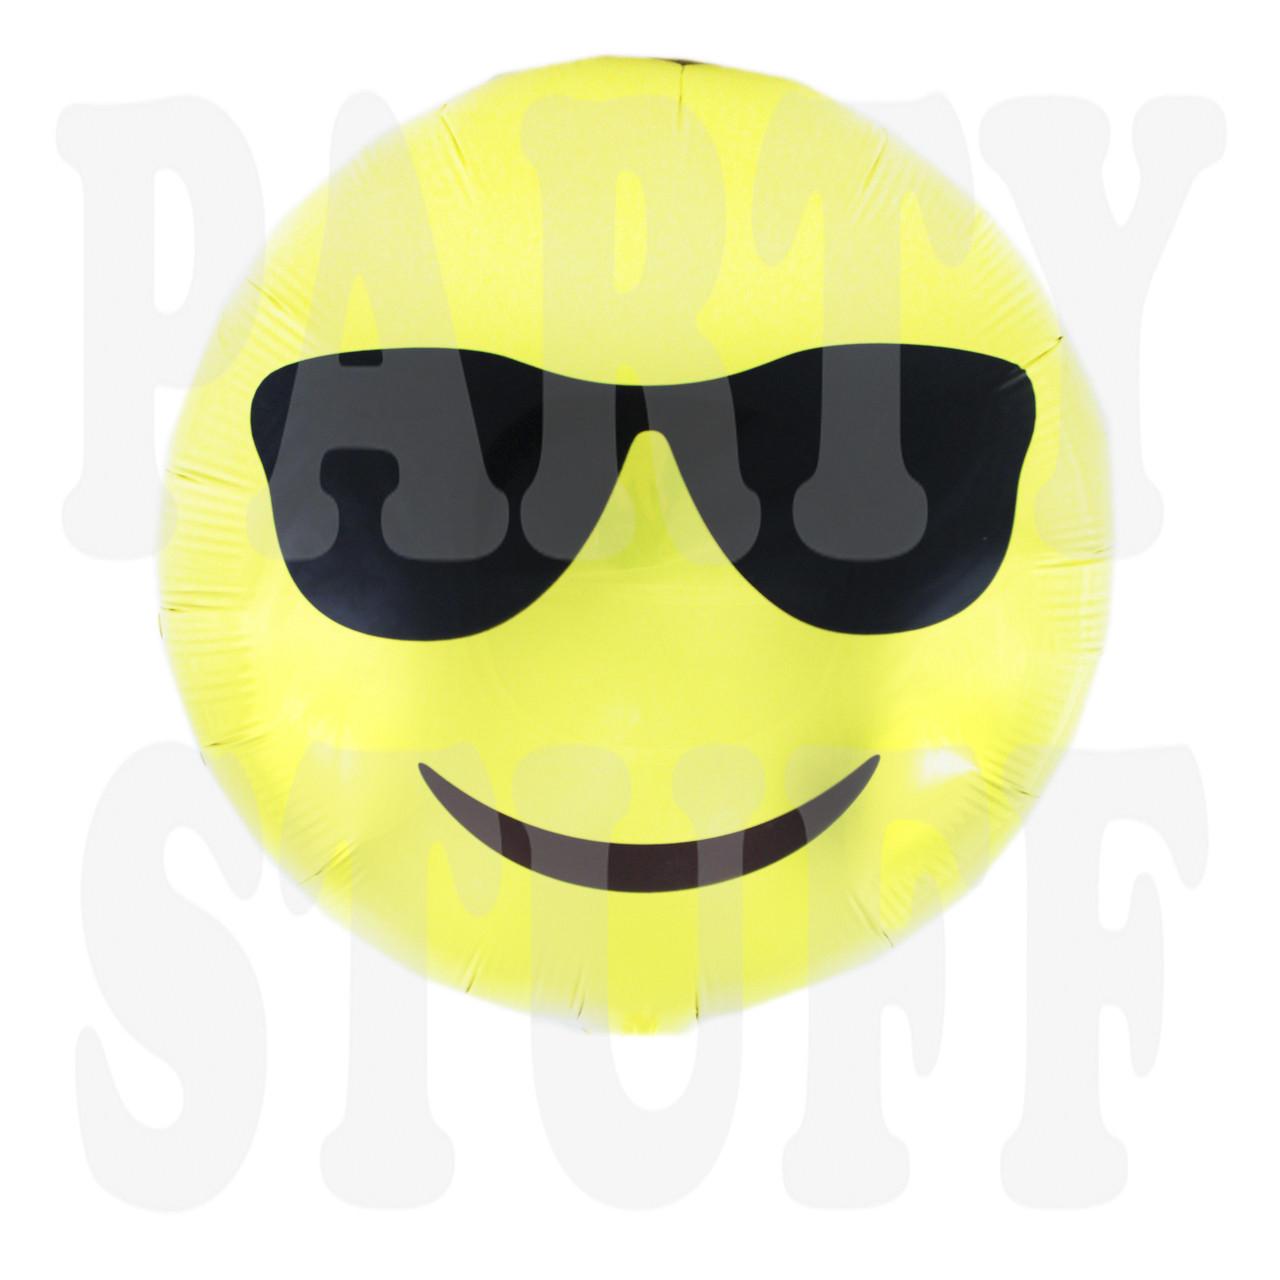 Шар Смайлик в очках, 45*45 см